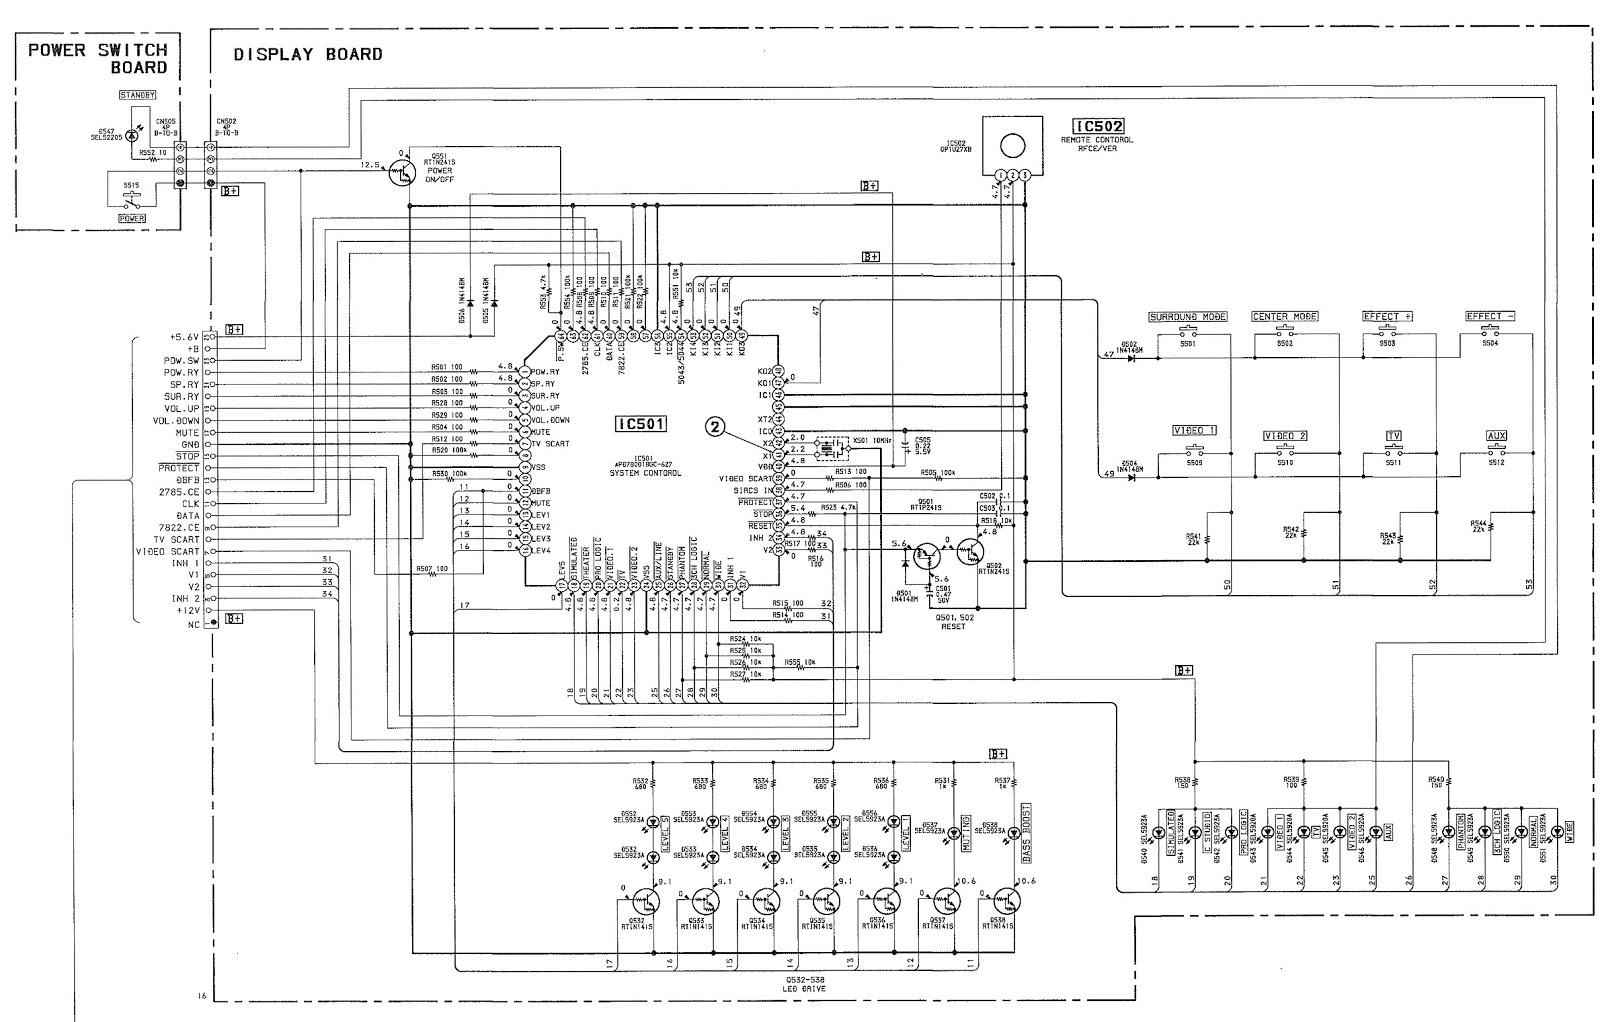 Electro Help  Sony Ta Ve110 Stereo Av Amplifier  U2013 Schematic